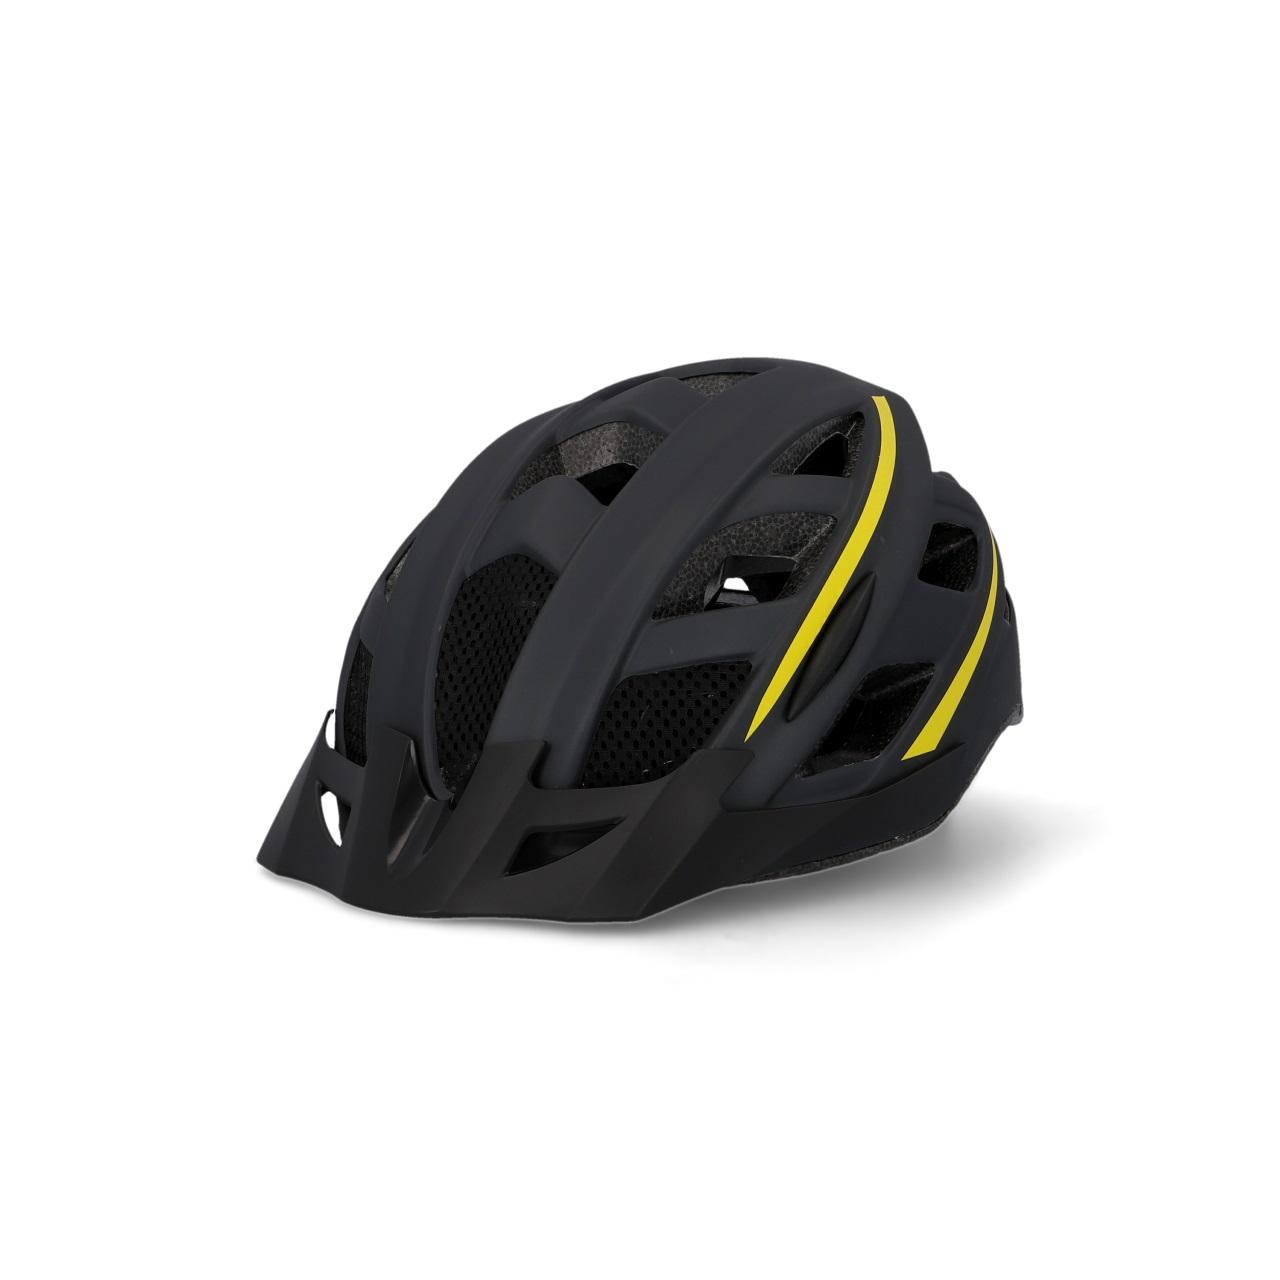 FISCHER Fahrradhelm Urban Montis schwarz (Größe S/M)